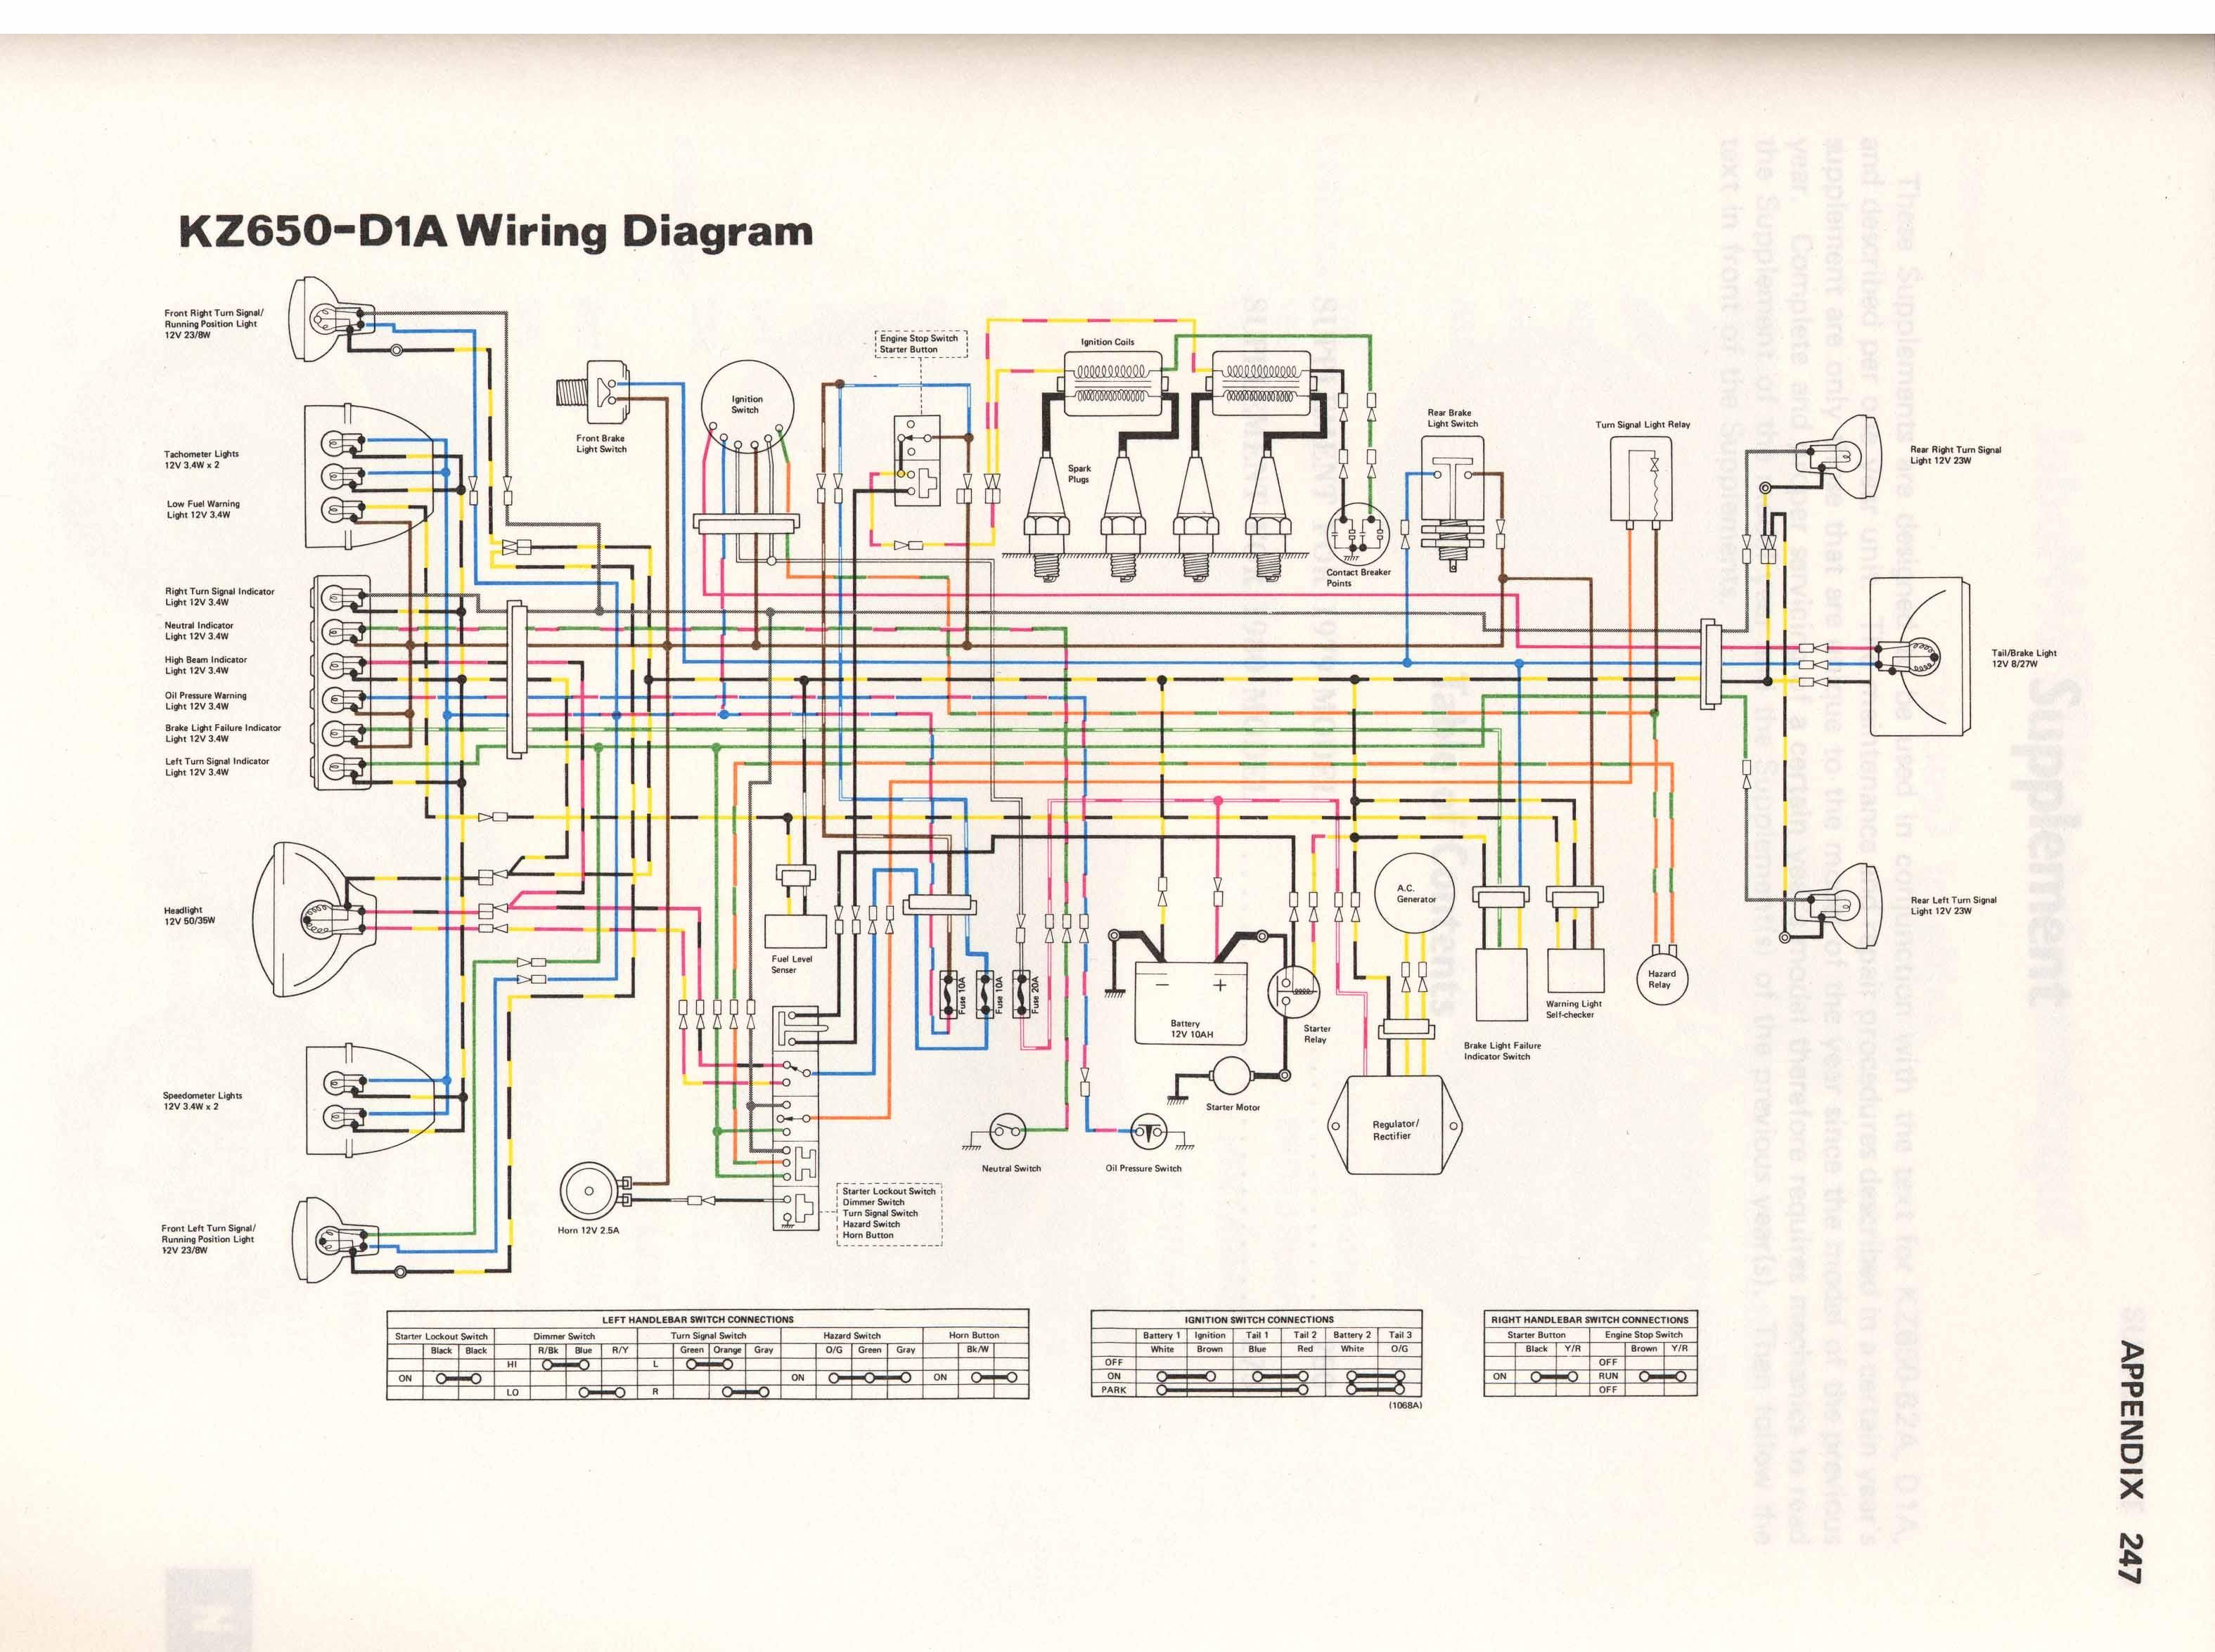 b2a kz650 wiring diagram wiring diagram kz650 clutch diagram kz650 wiring diagram #5